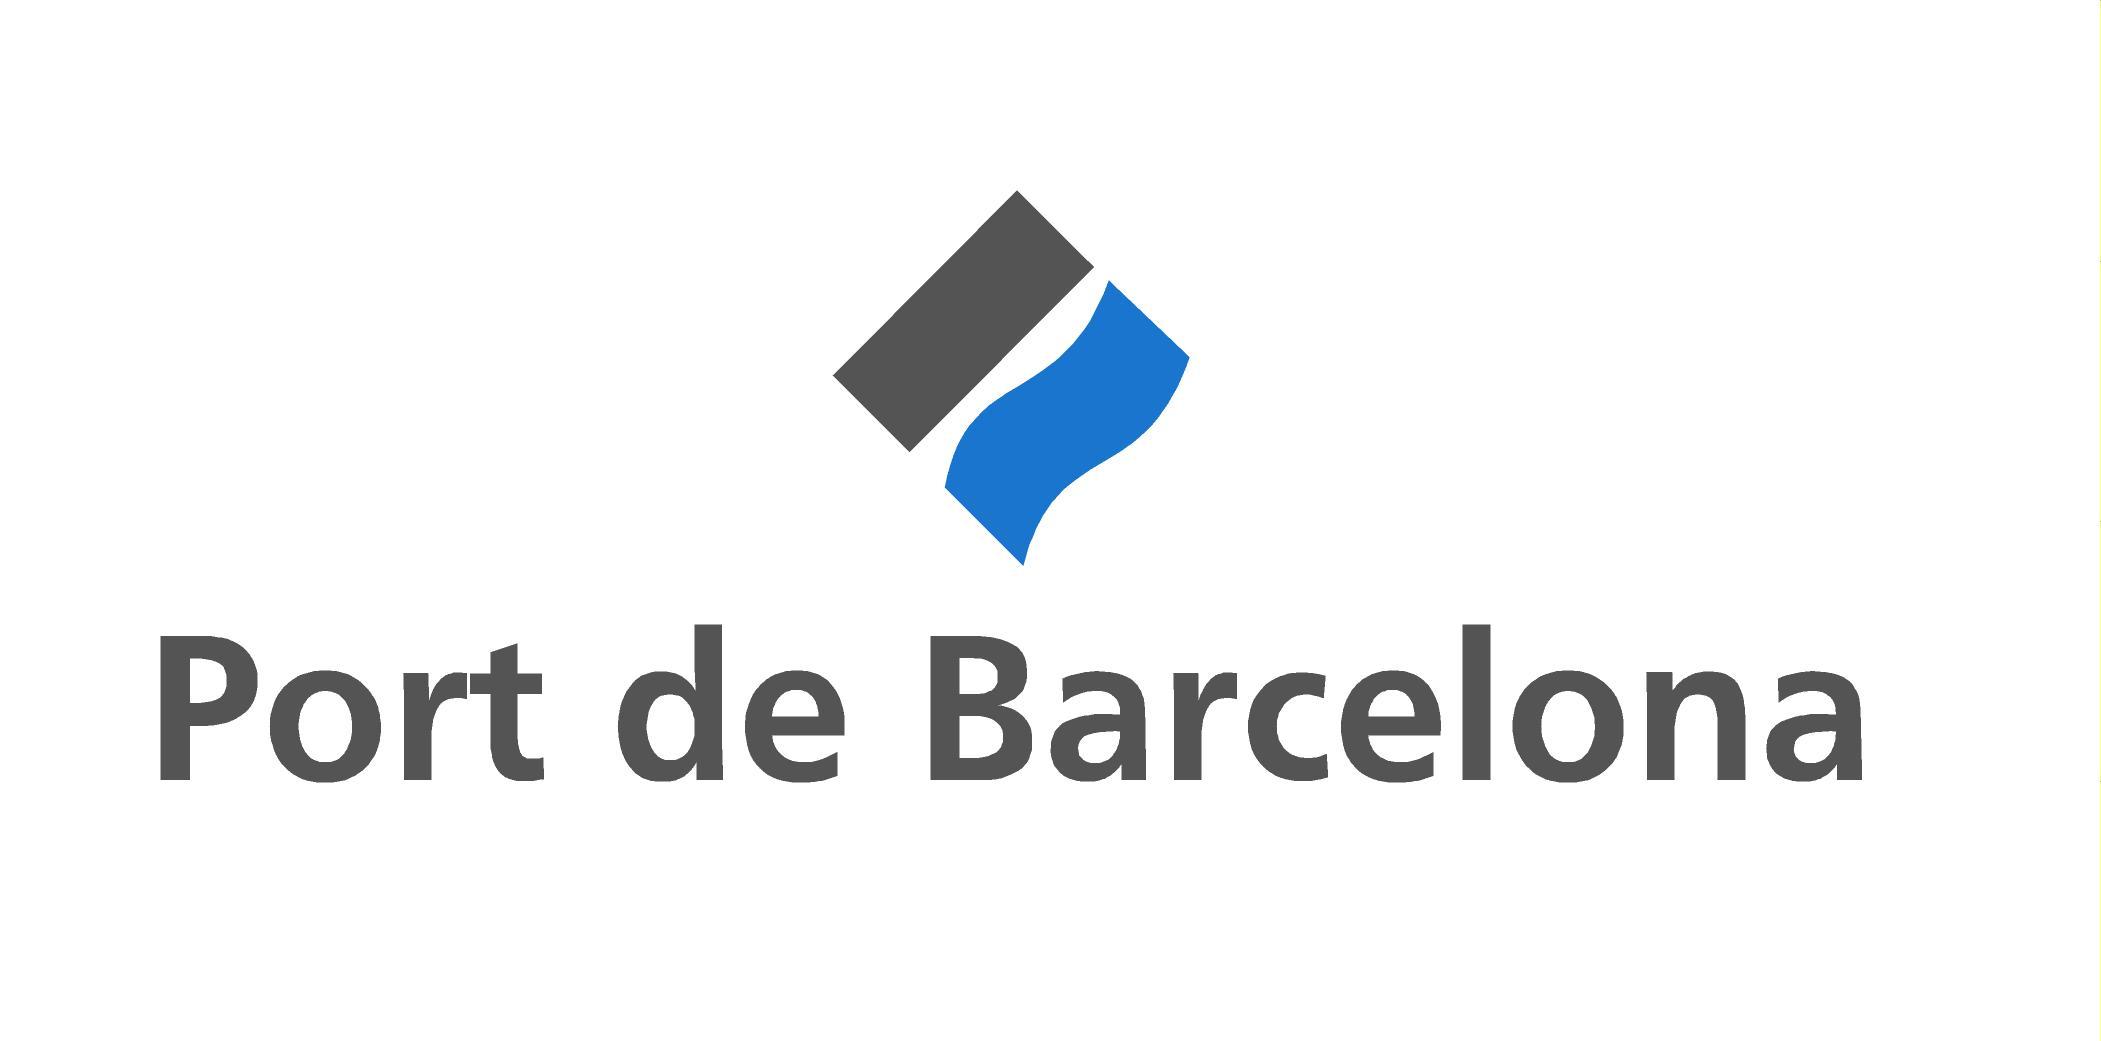 Port de Barcelona Logo photo - 1